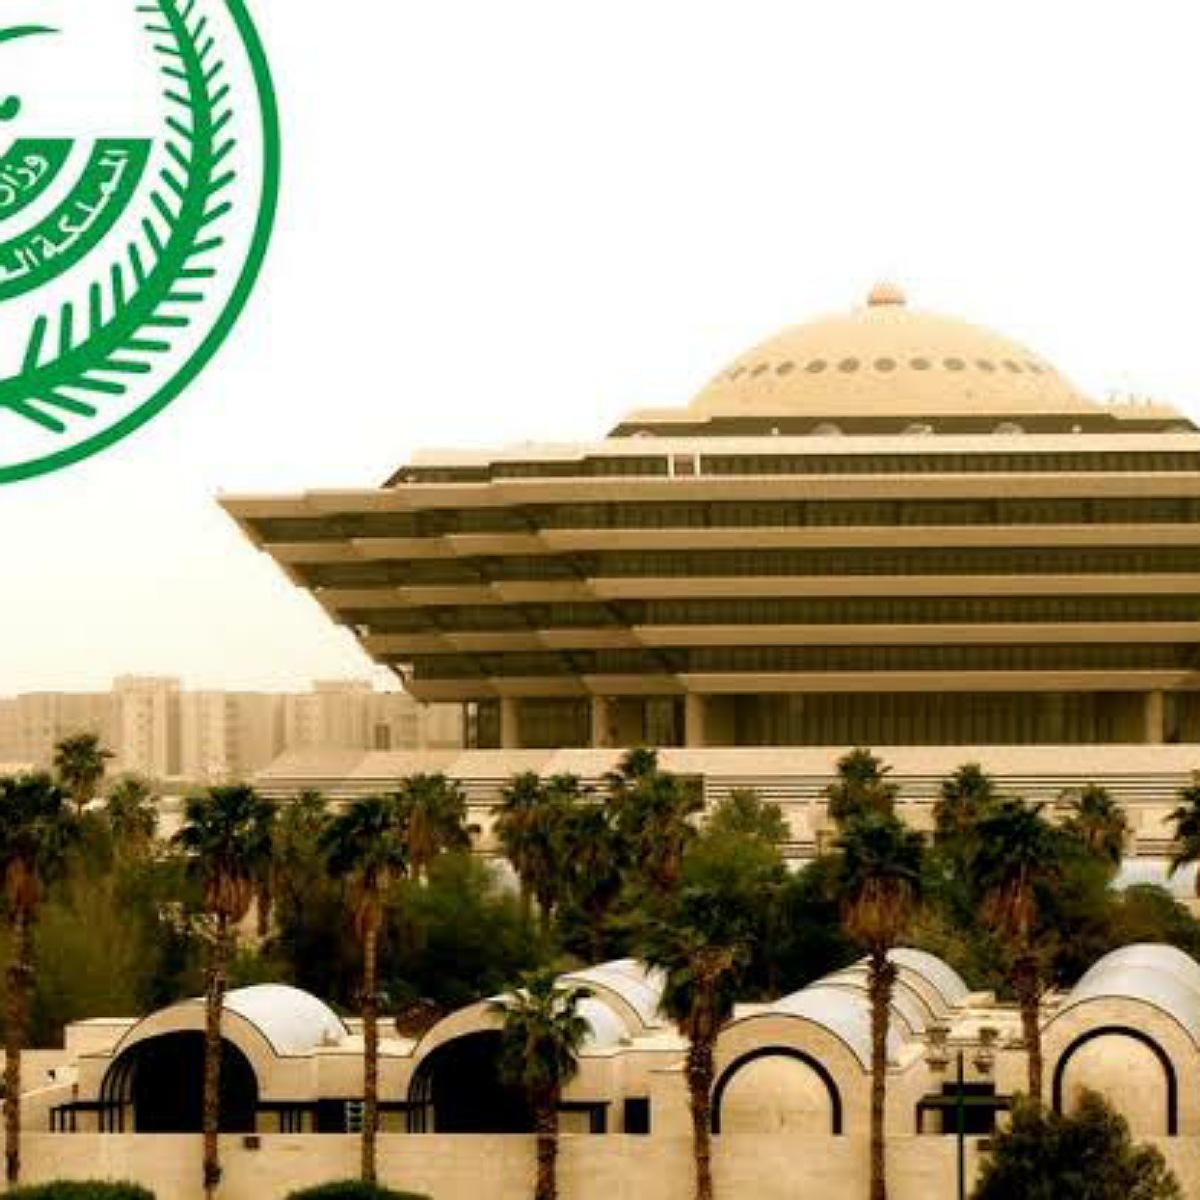 السعودية| وضع قرارات للحد من إنتشار فيروس كورونا بالمملكة